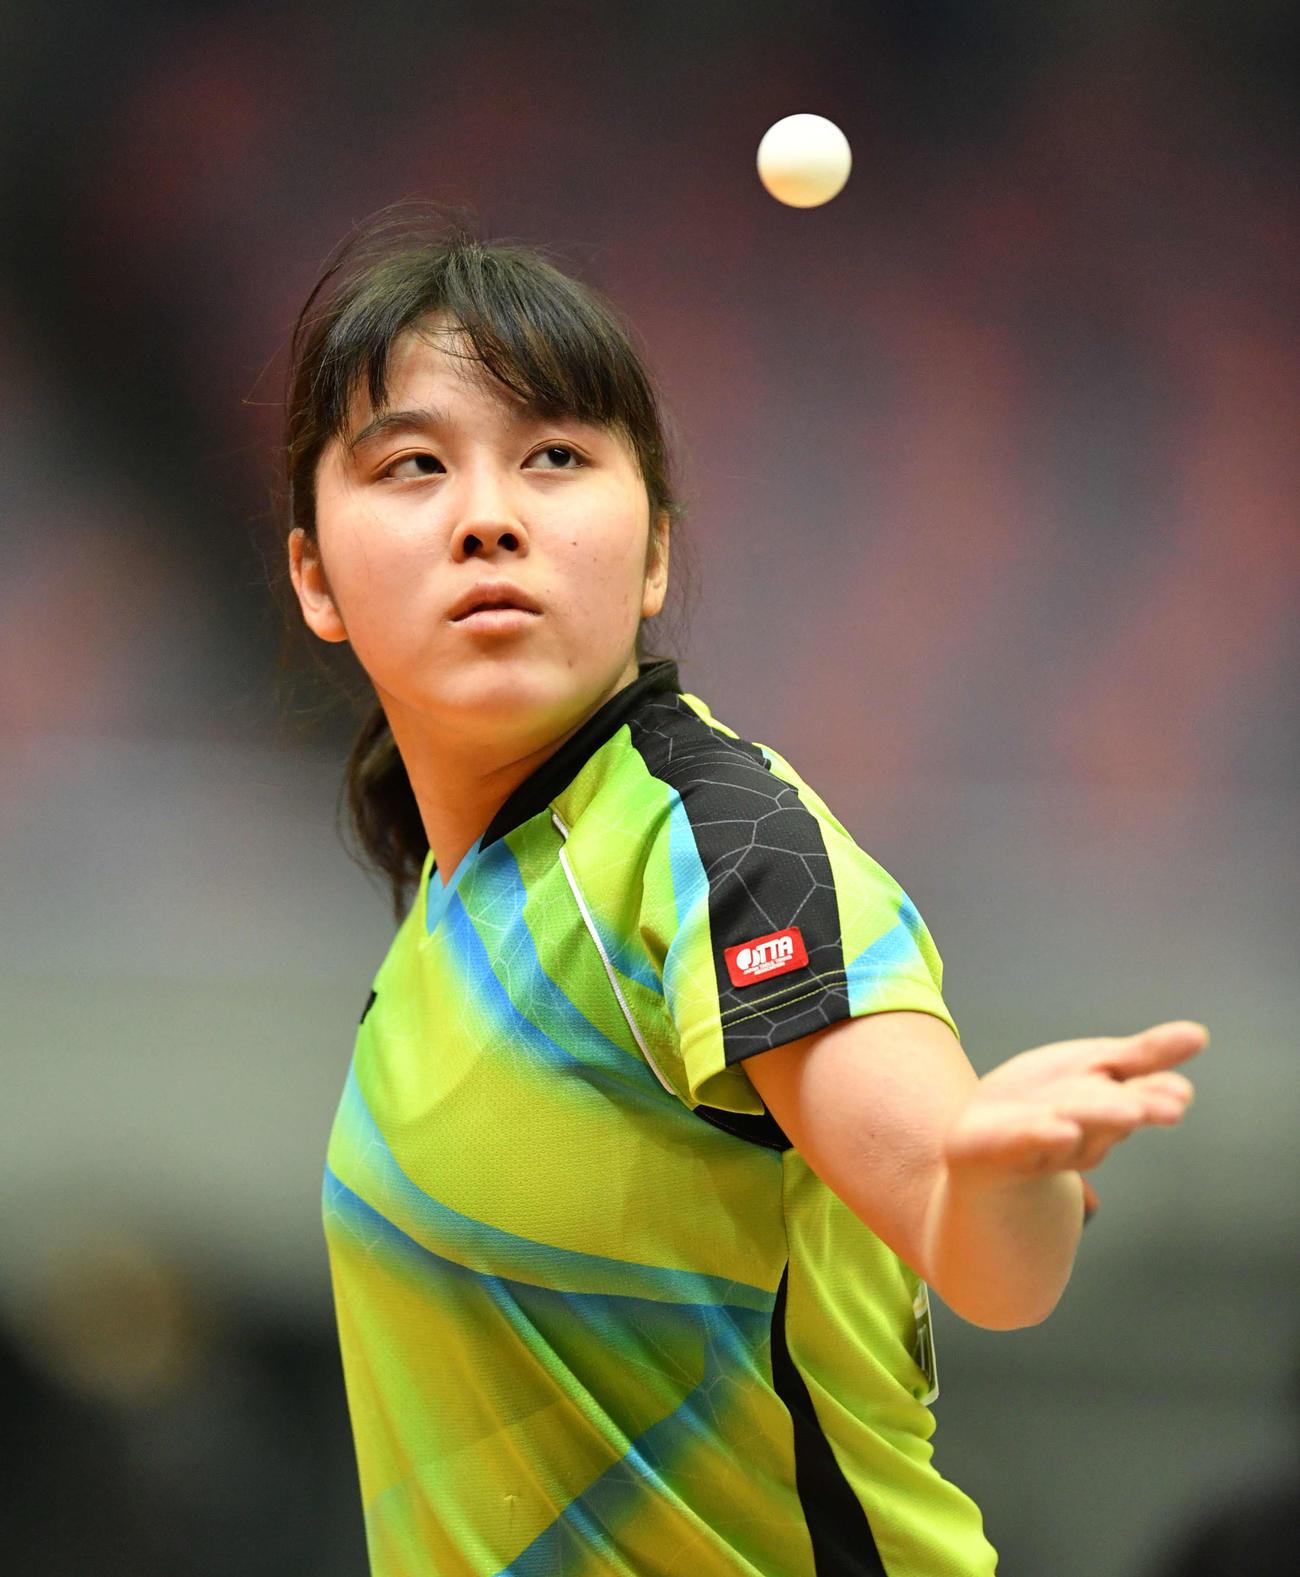 全日本卓球選手権ジュニア女子シングルス1回戦 サーブトスを上げる平野亜子(撮影・岩下翔太)